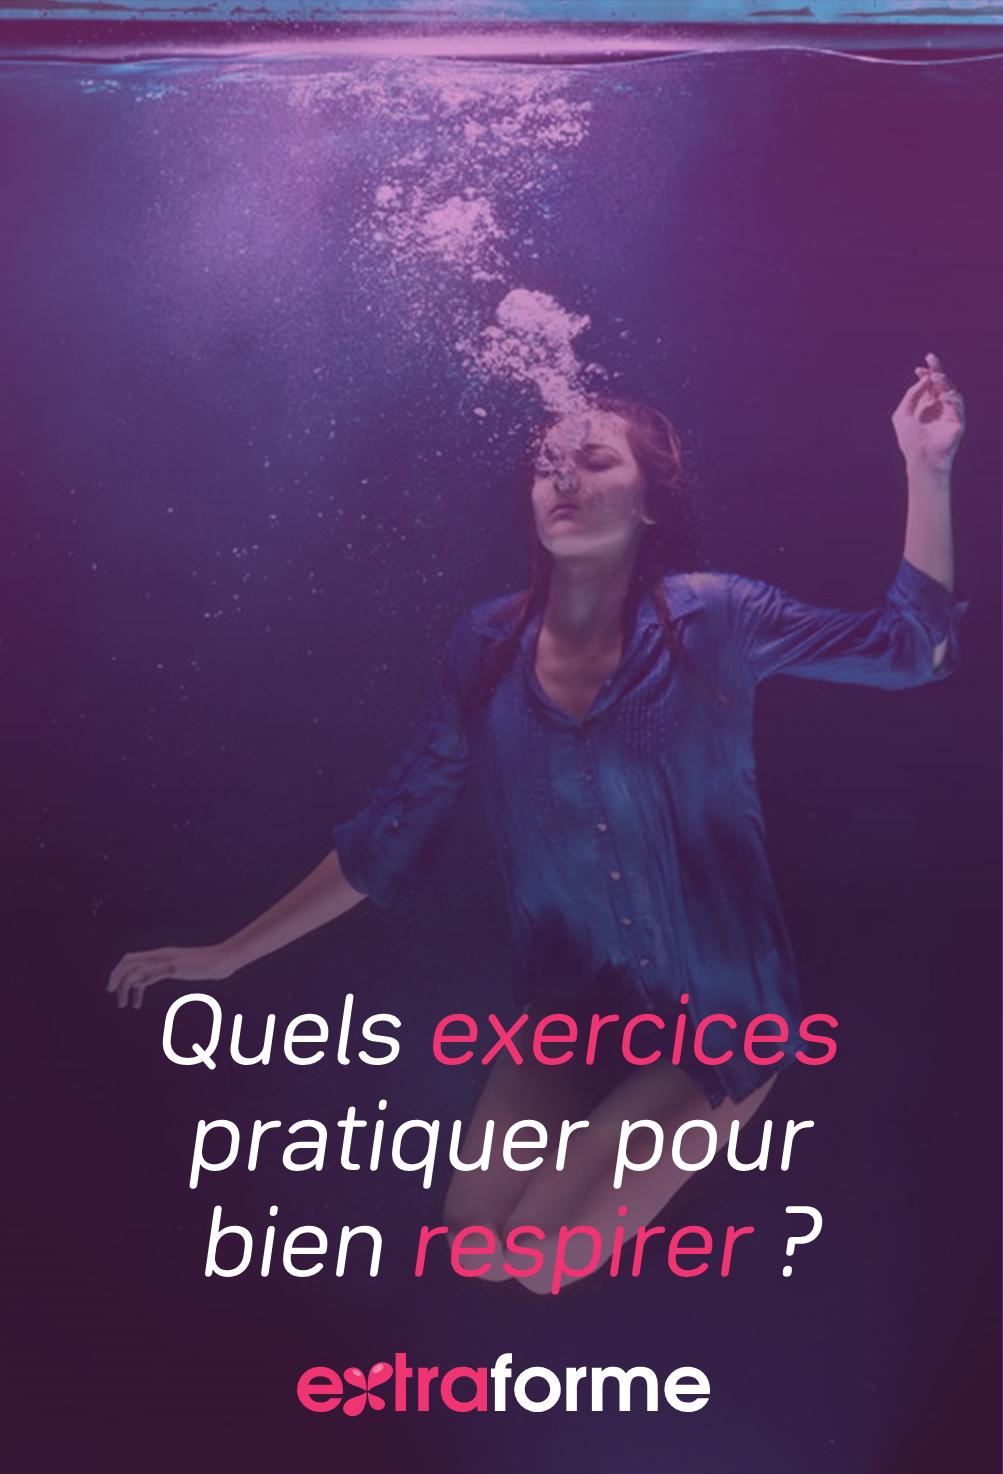 Quels Exercices Pratiquer Pour Bien Respirer Exercice De Respiration Respiration Abdominale Exercice